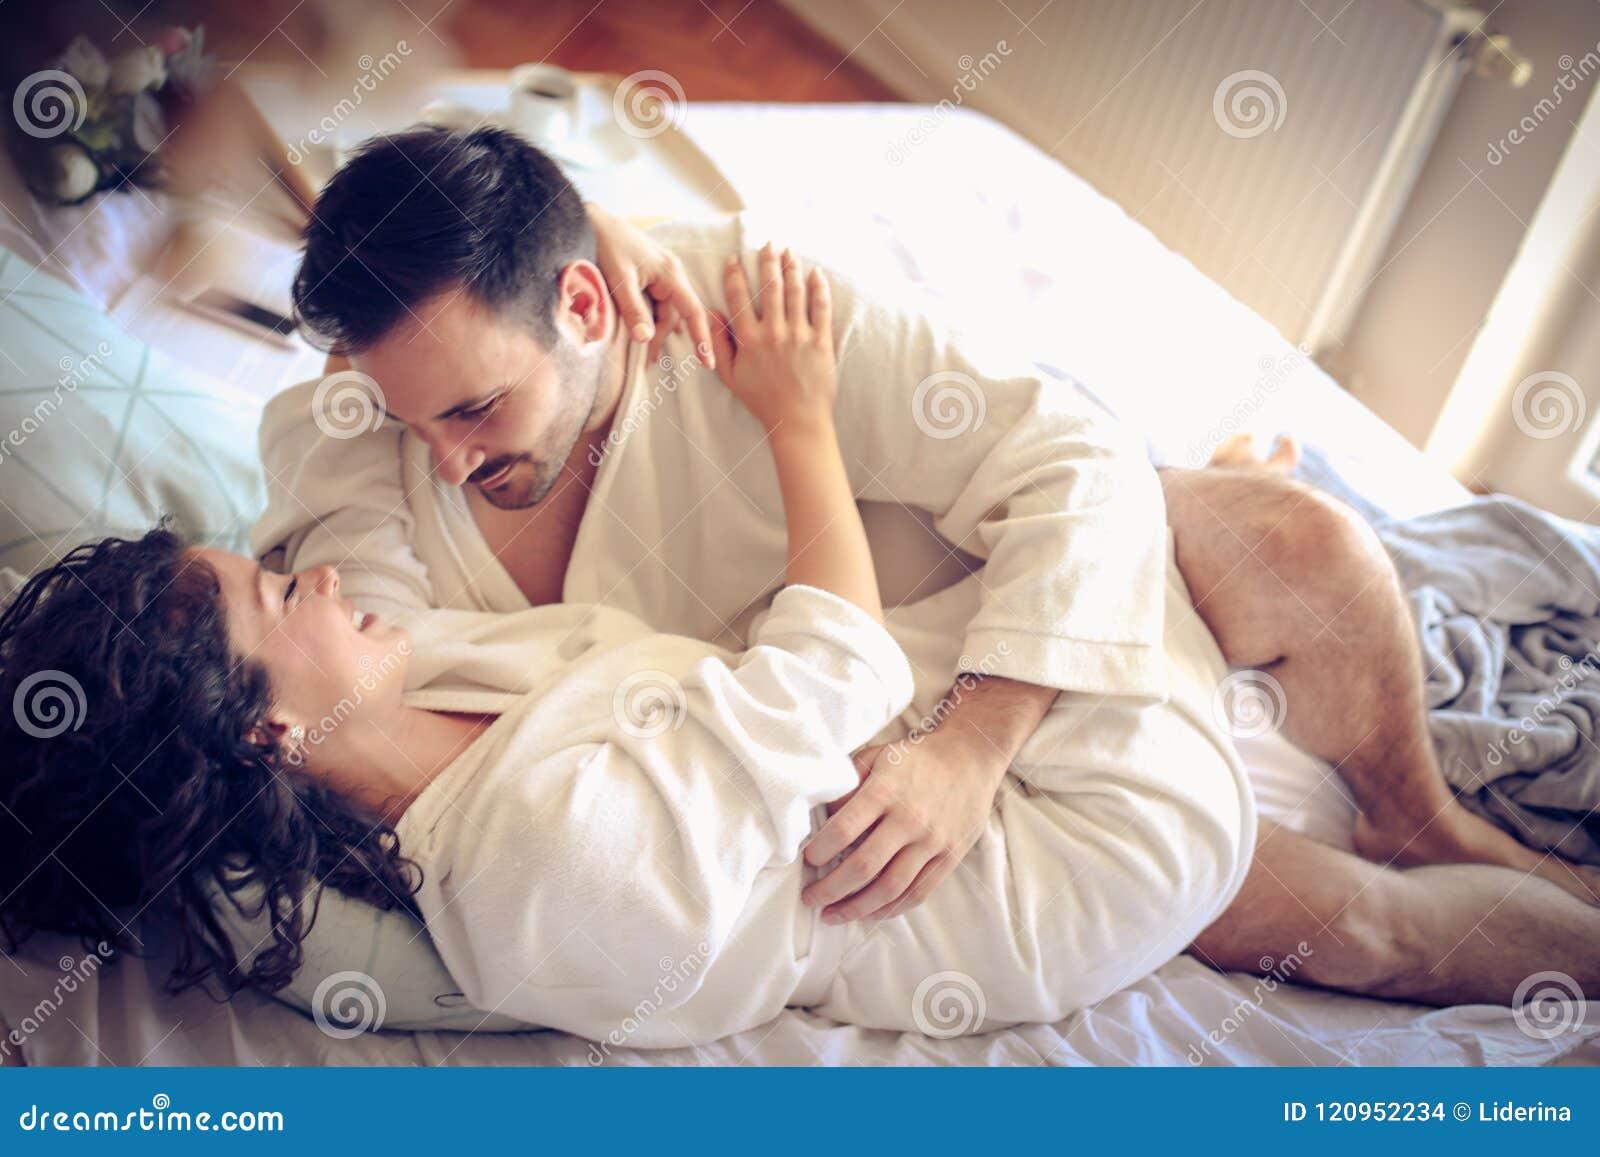 Förbunden förälskelse sensuality